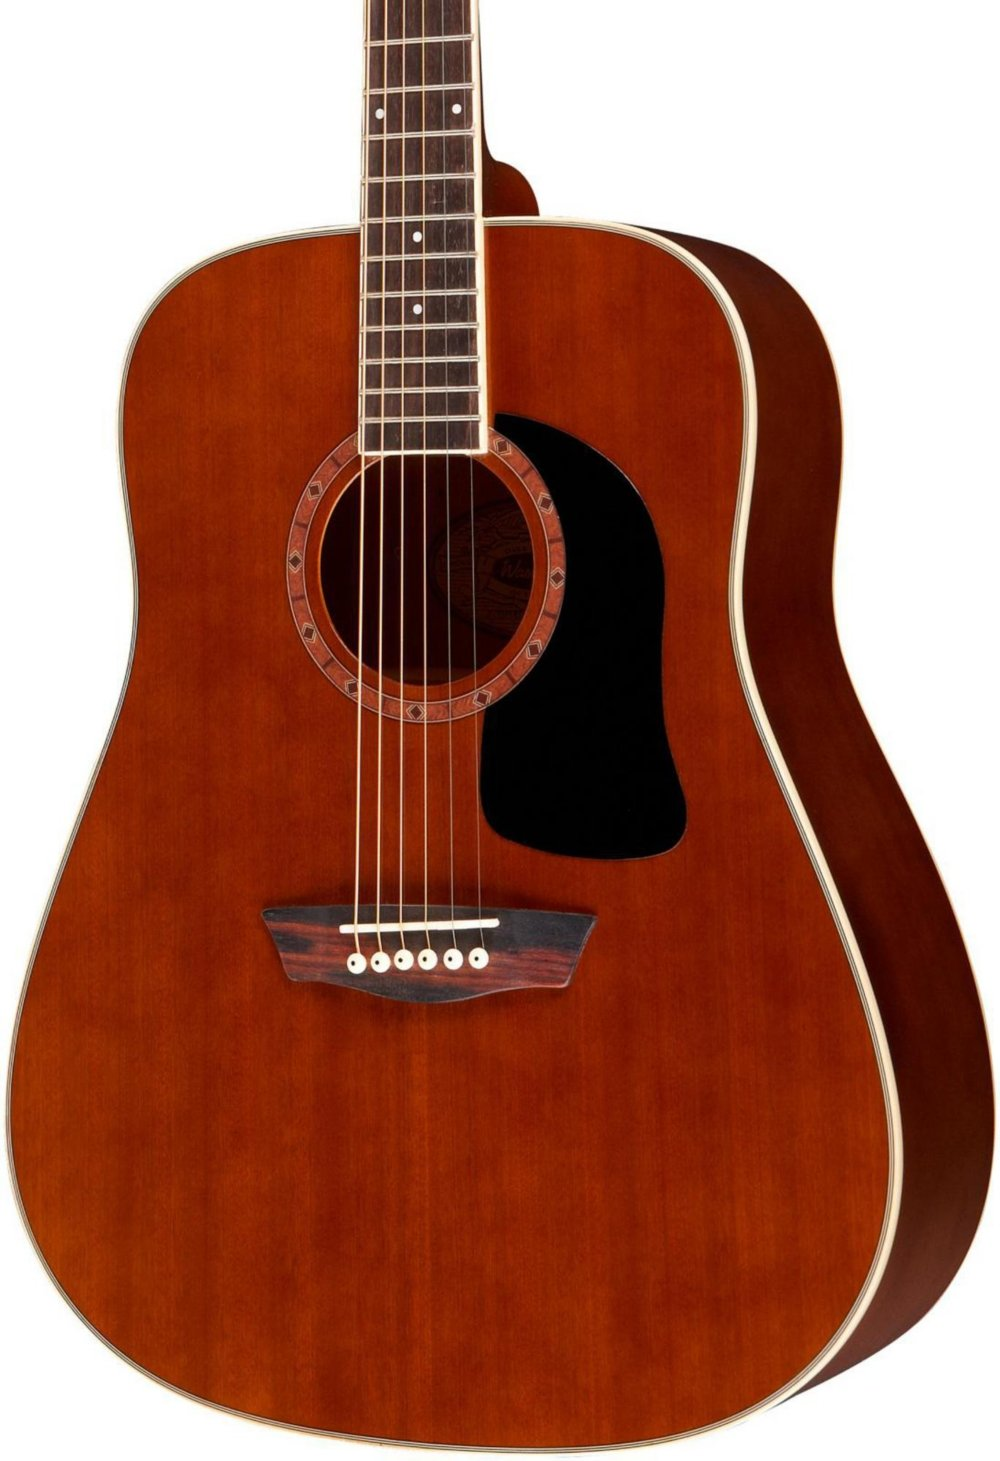 Washburn WD100DL Dreadnought Mahogany Acoustic Guitar Natural WD100DLMK